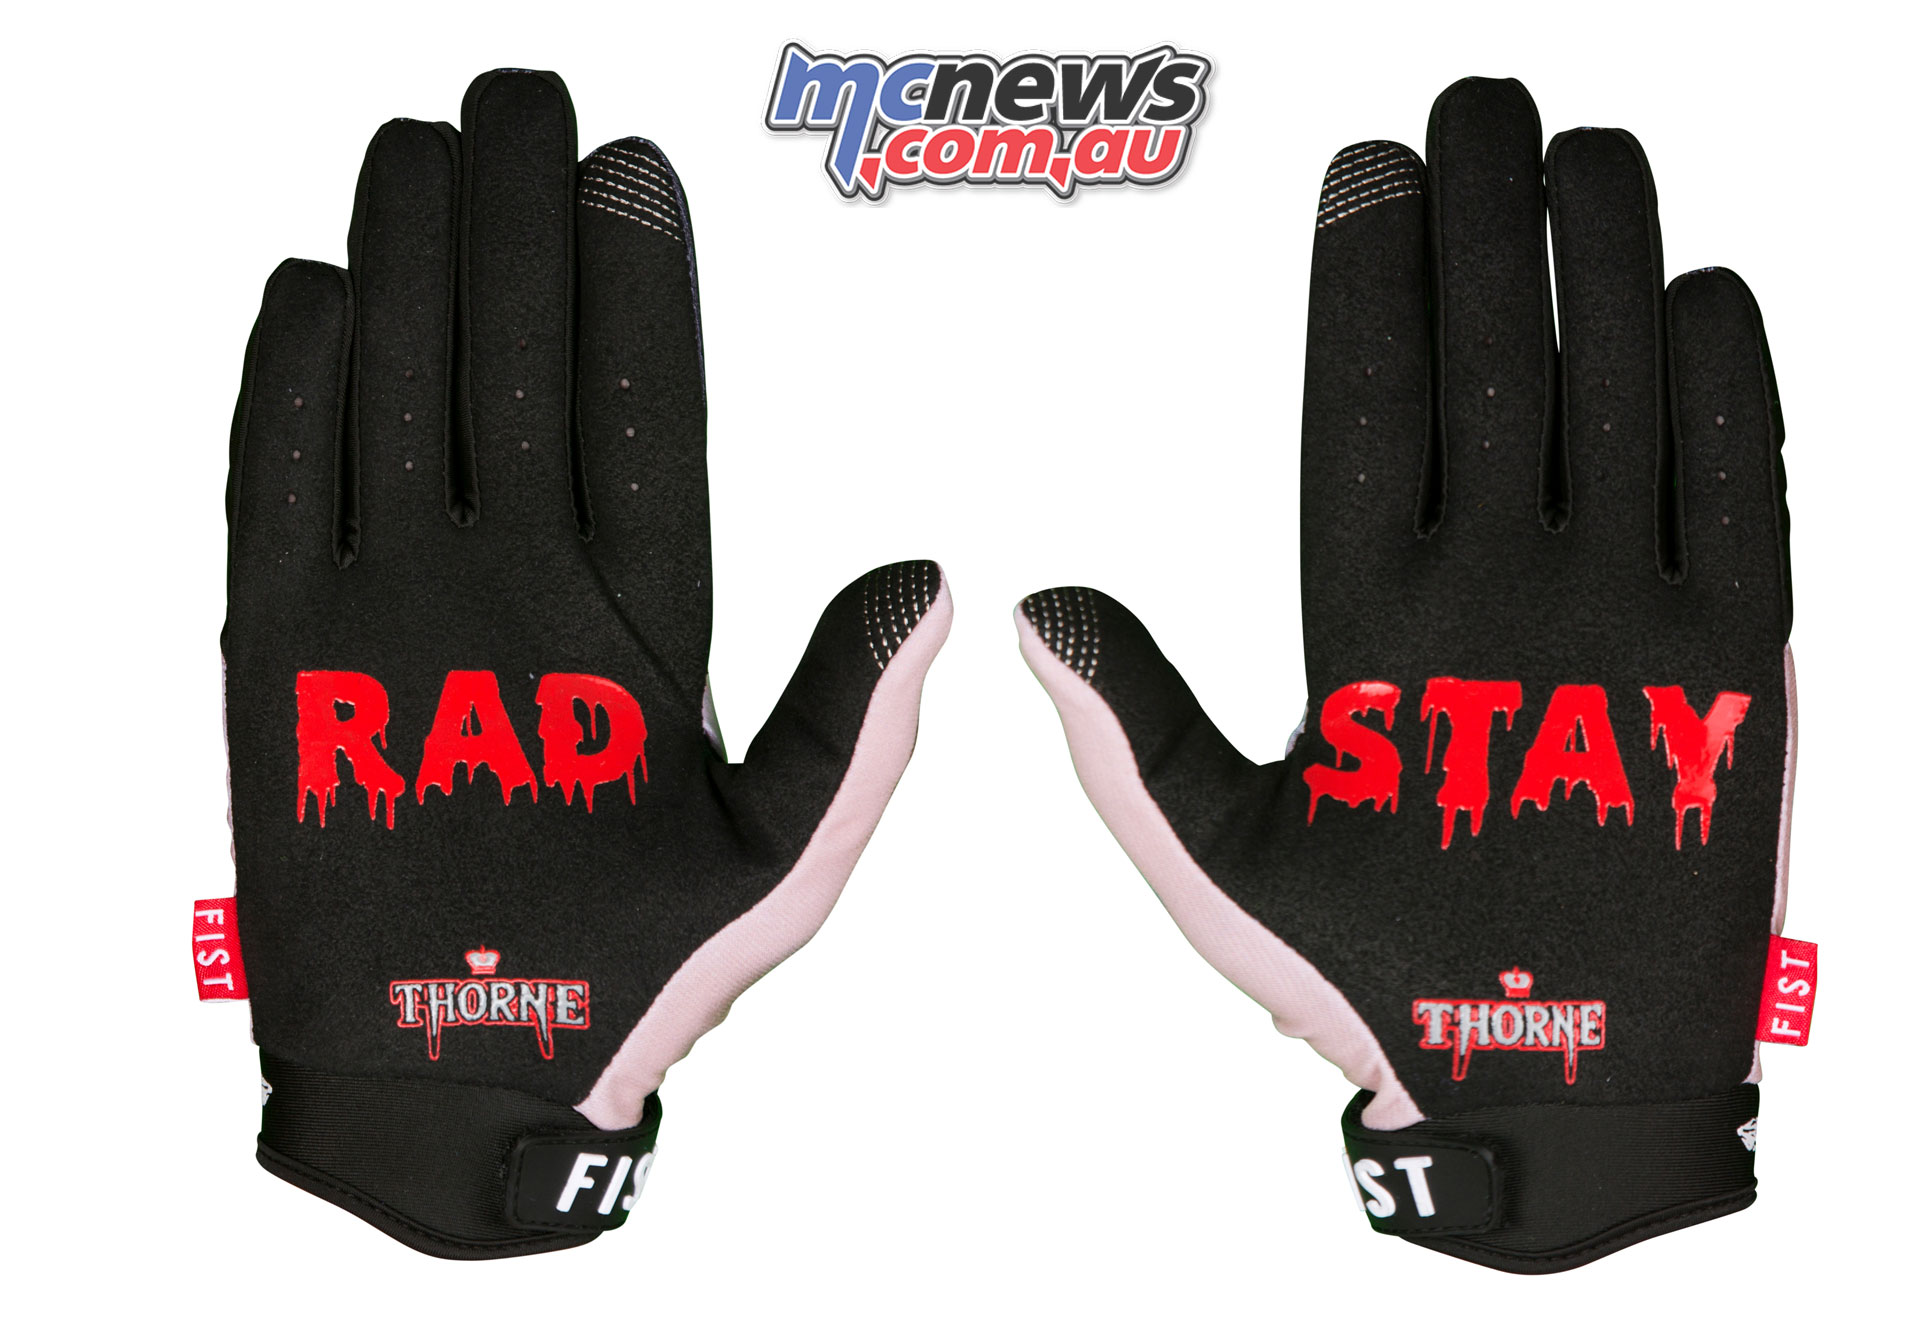 Fist Handwear Spring THORNE Palm